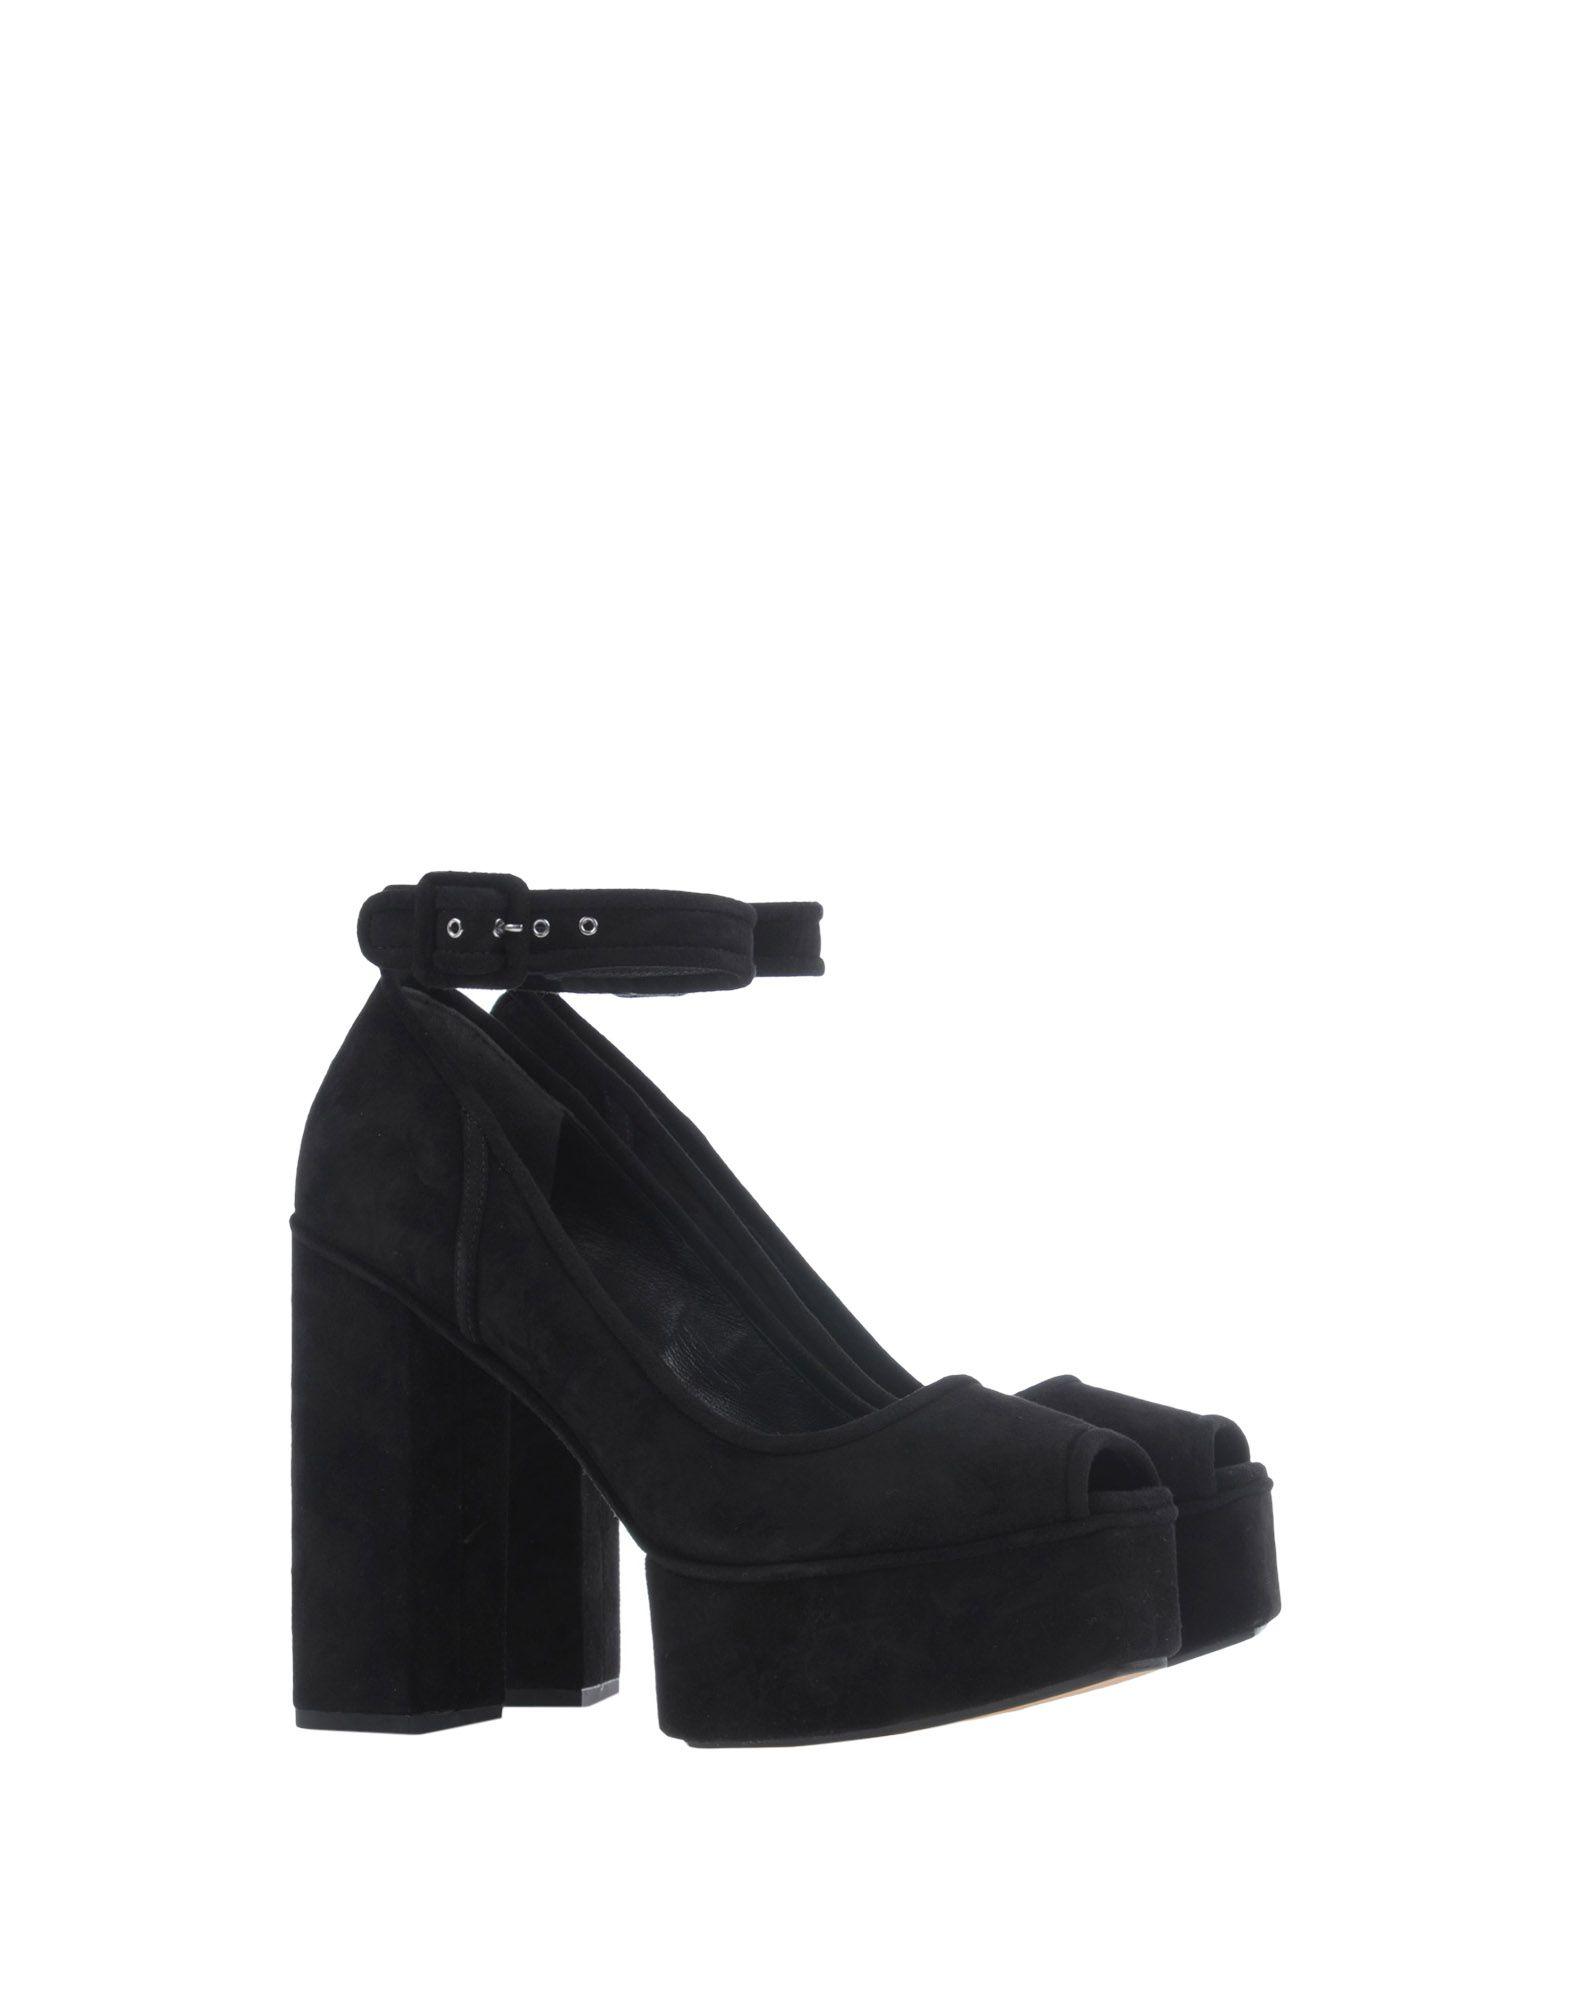 Alexander Wang Pumps Damen Schuhe  11341663VHGünstige gut aussehende Schuhe Damen 2e15b8